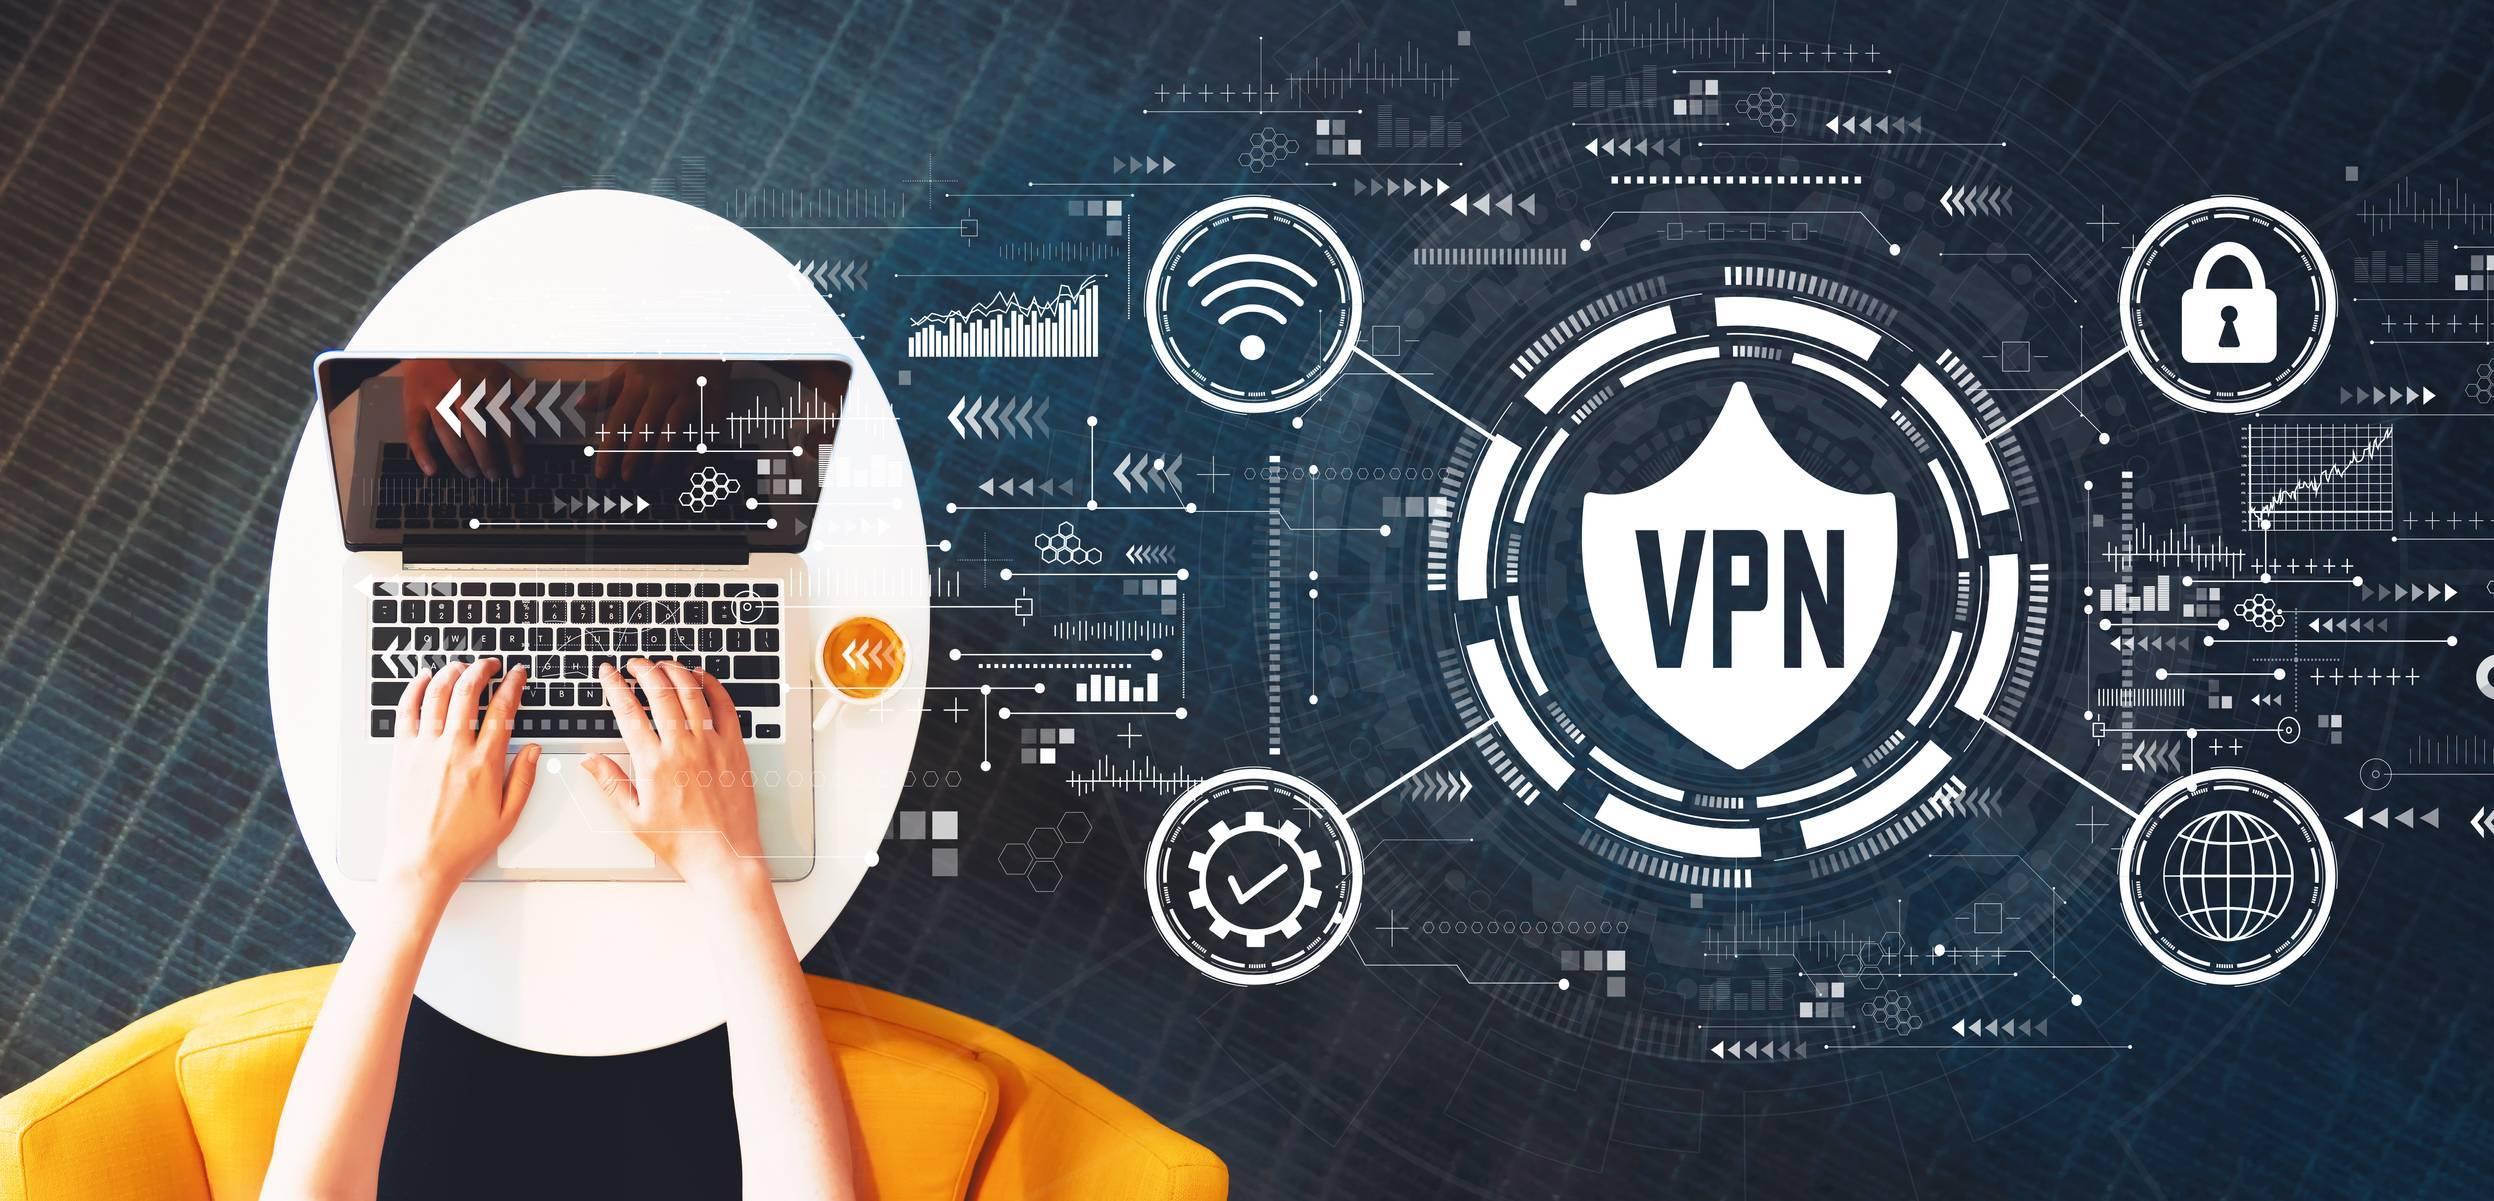 VPN pour contourner les restrictions d'accès sur Internet